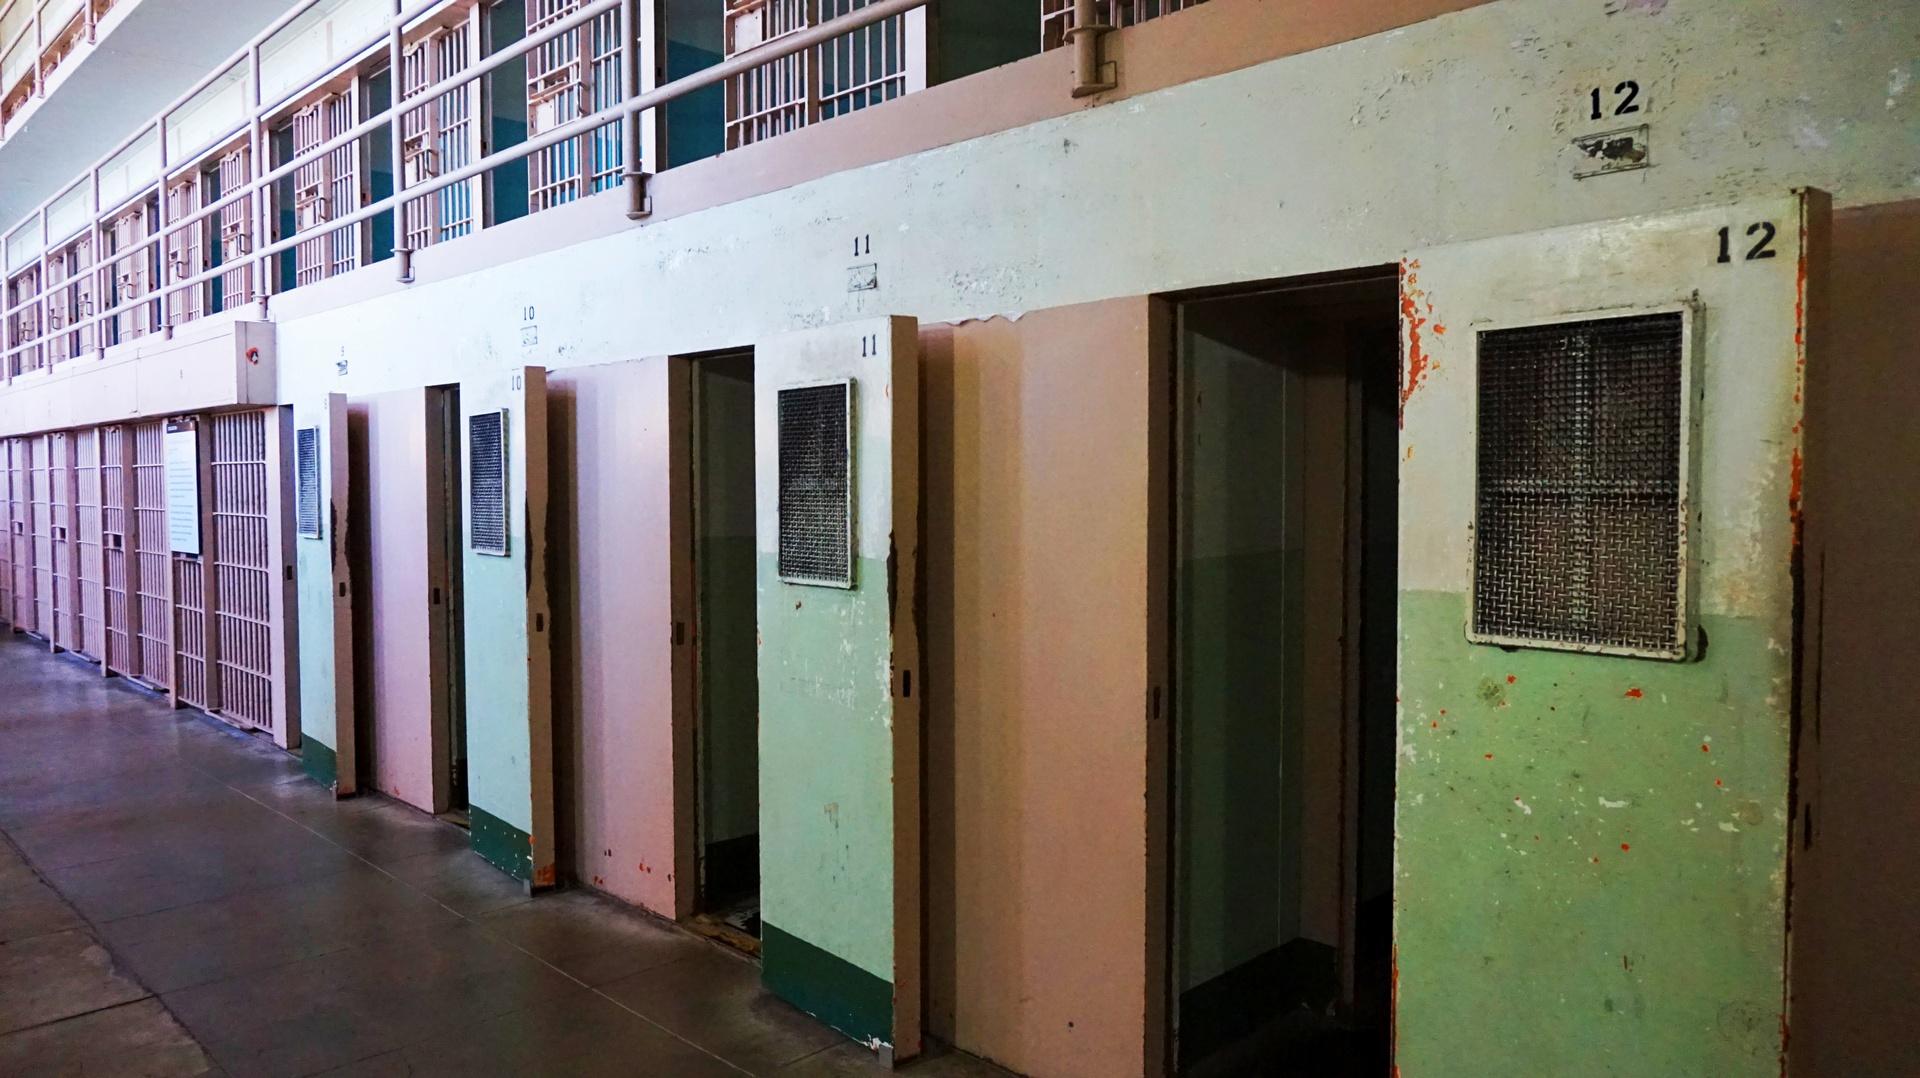 Cele w więzieniu Alcatraz, San Francisco, USA | Sway the way